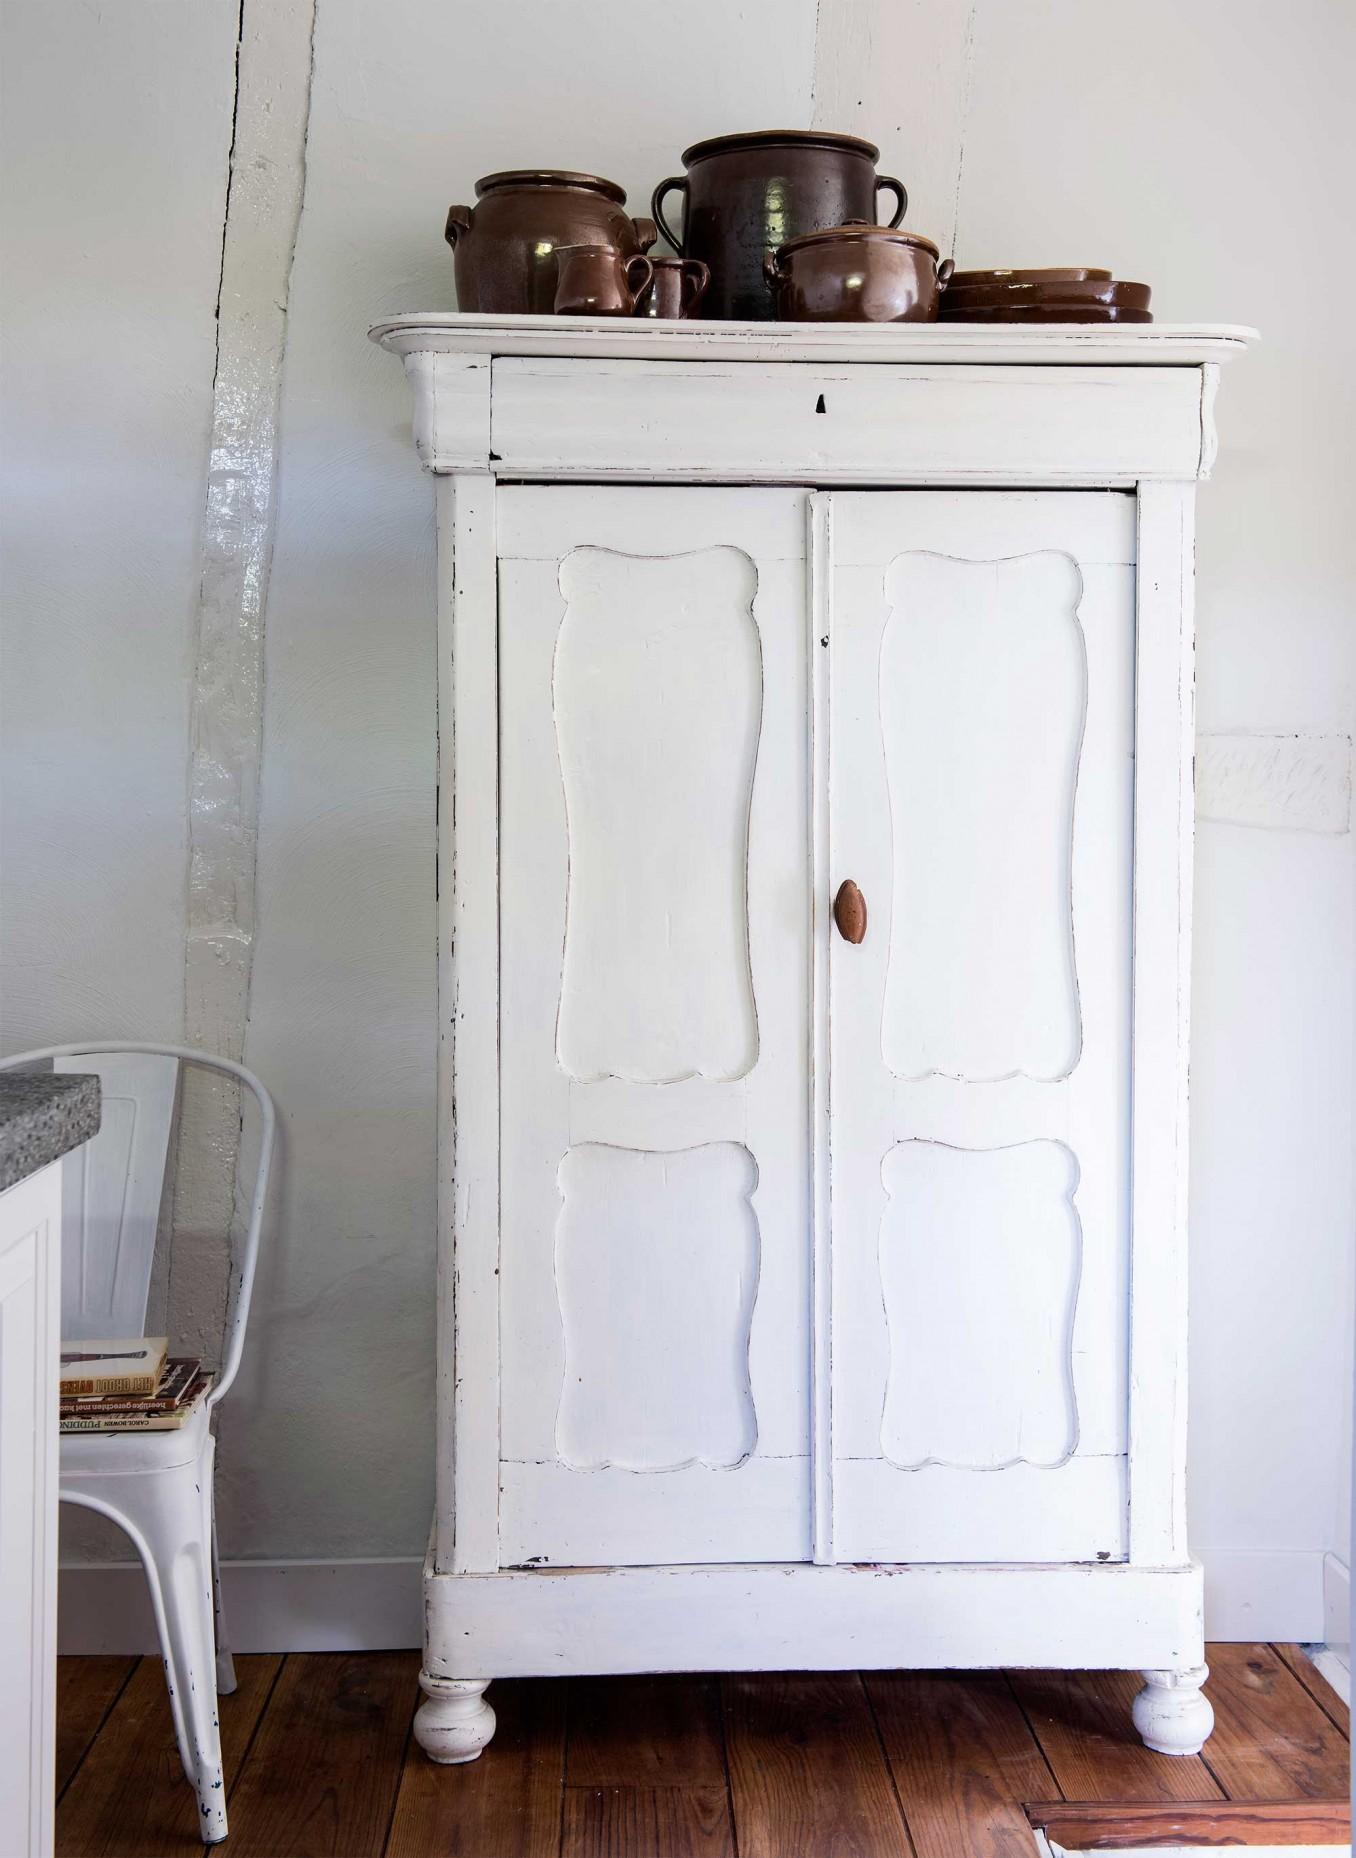 Un garde à manger rétro, tout simplement repeint en blanc et qui affiche une jolie collection de pots en grès vintage. Découvrez toutes les images de cette maison rustique chic dans l'article.